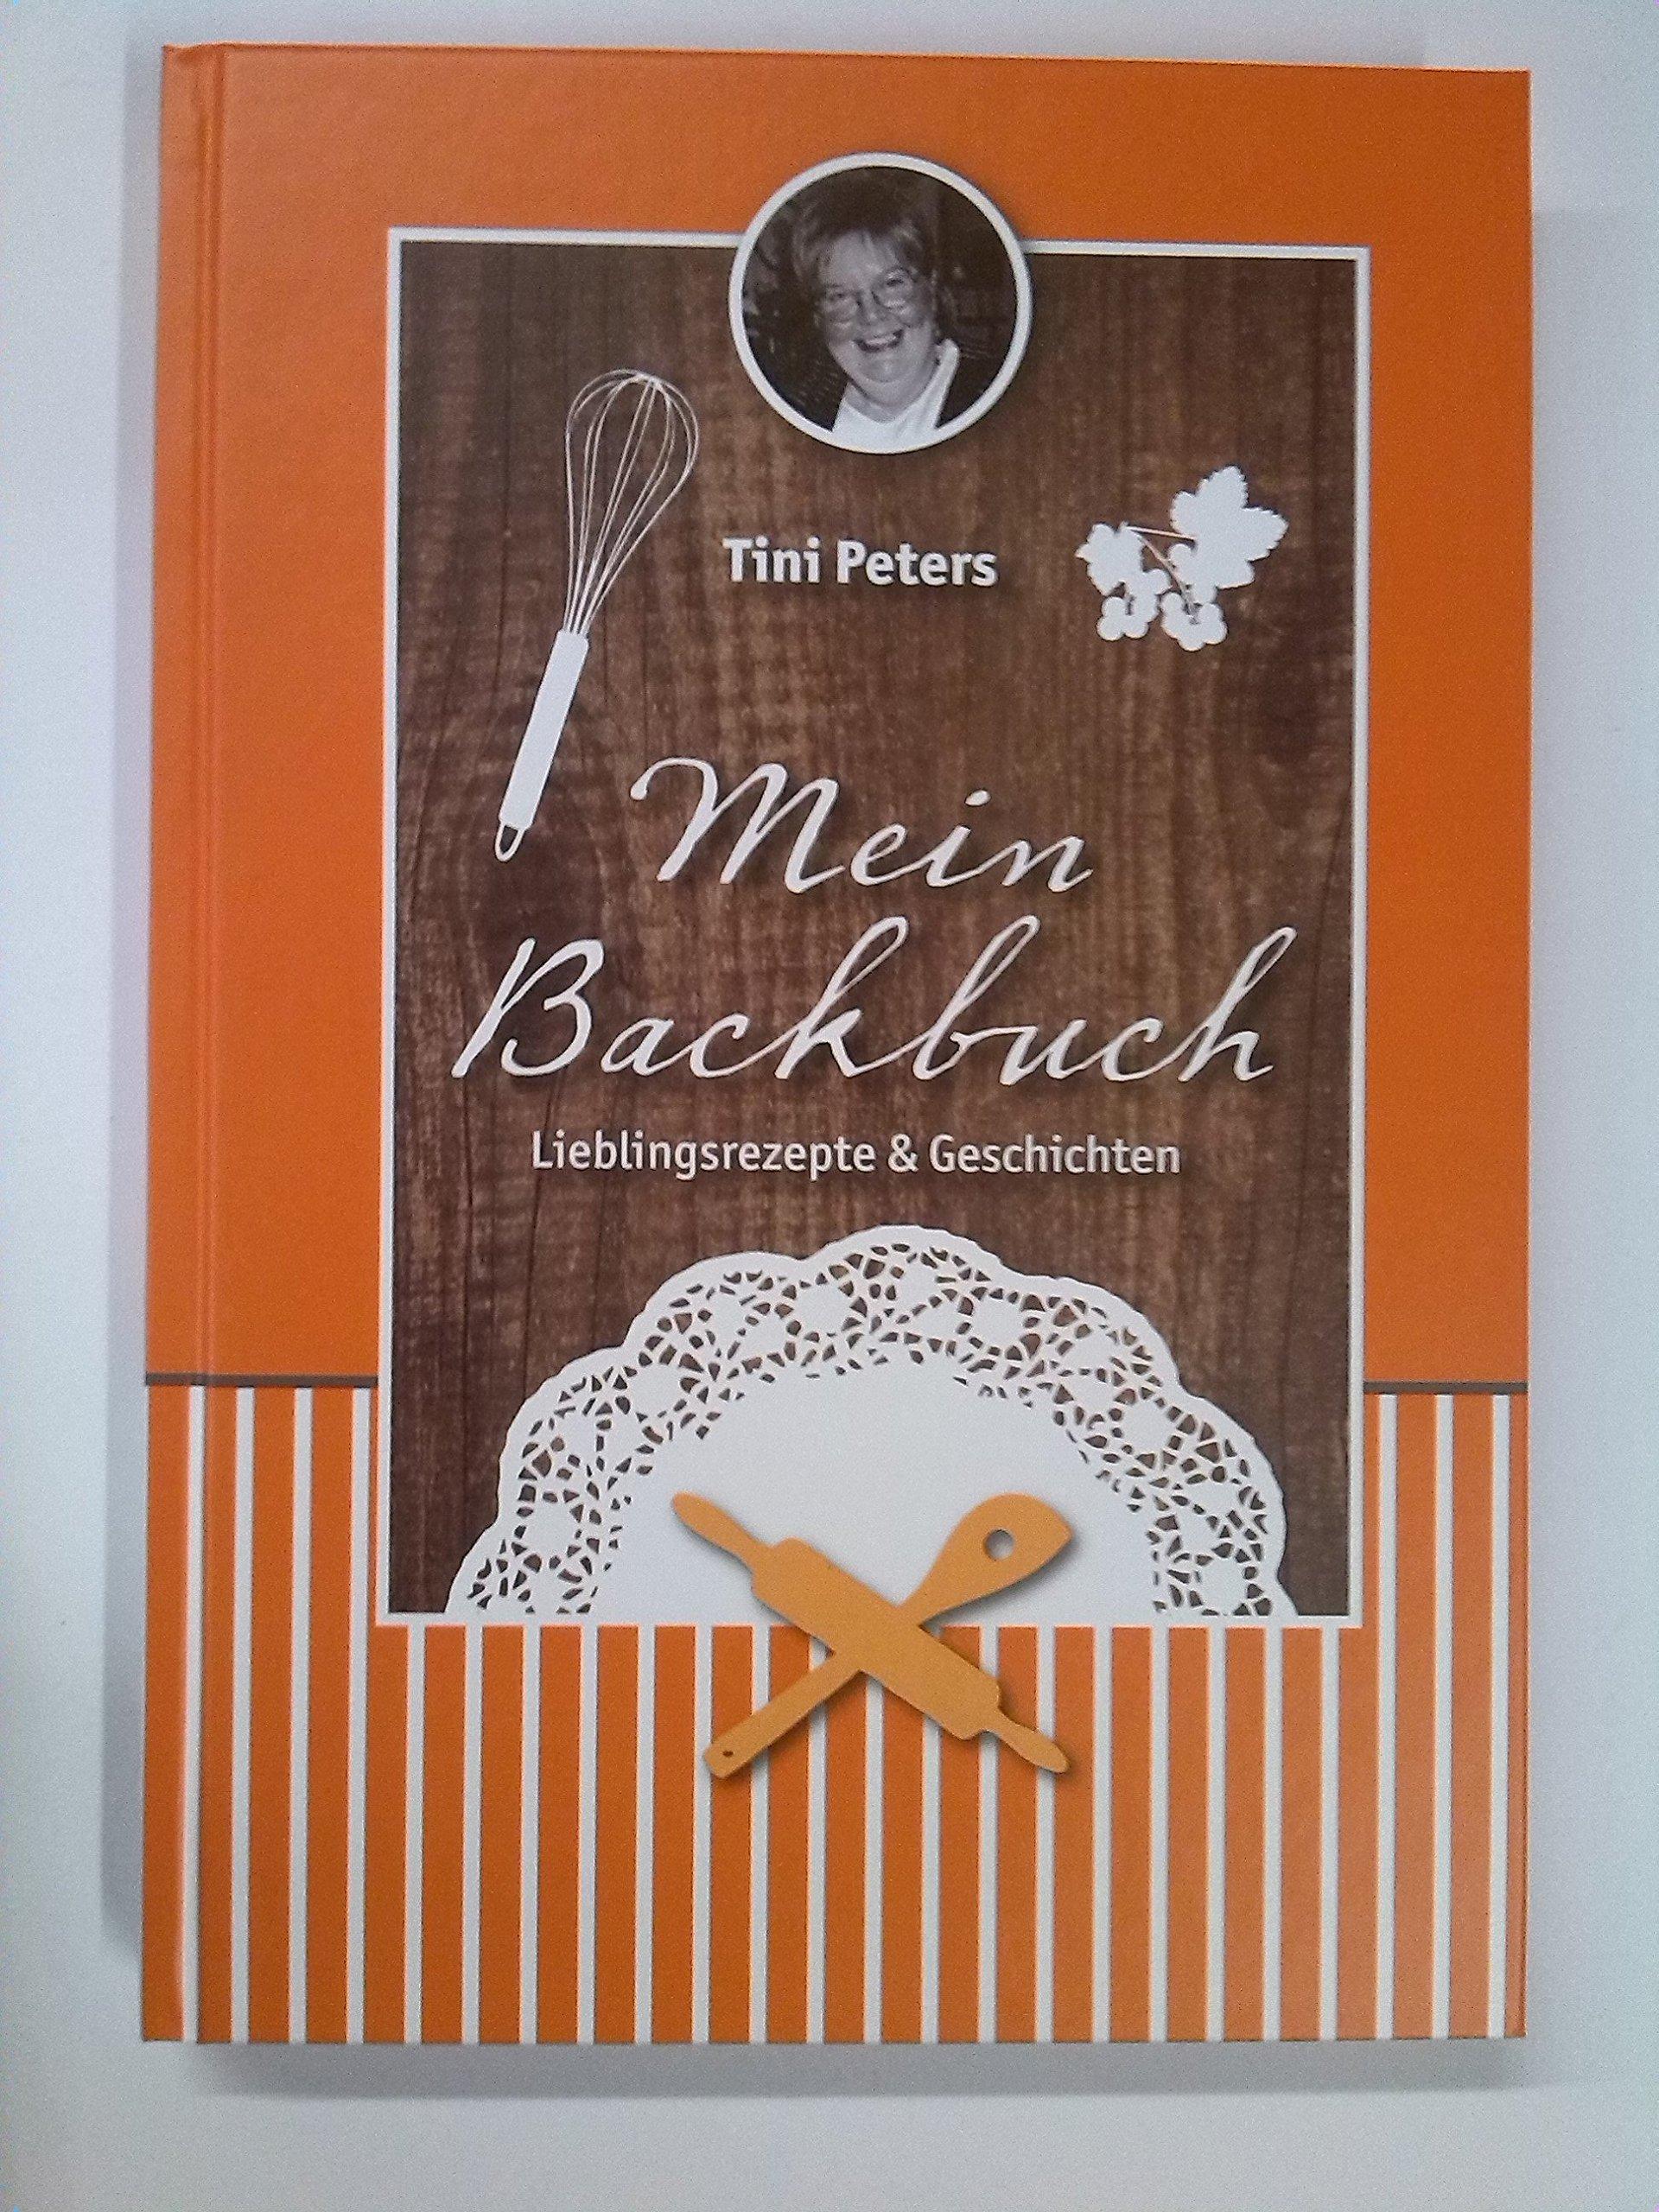 Mein Backbuch: Lieblingsrezepte & Geschichten